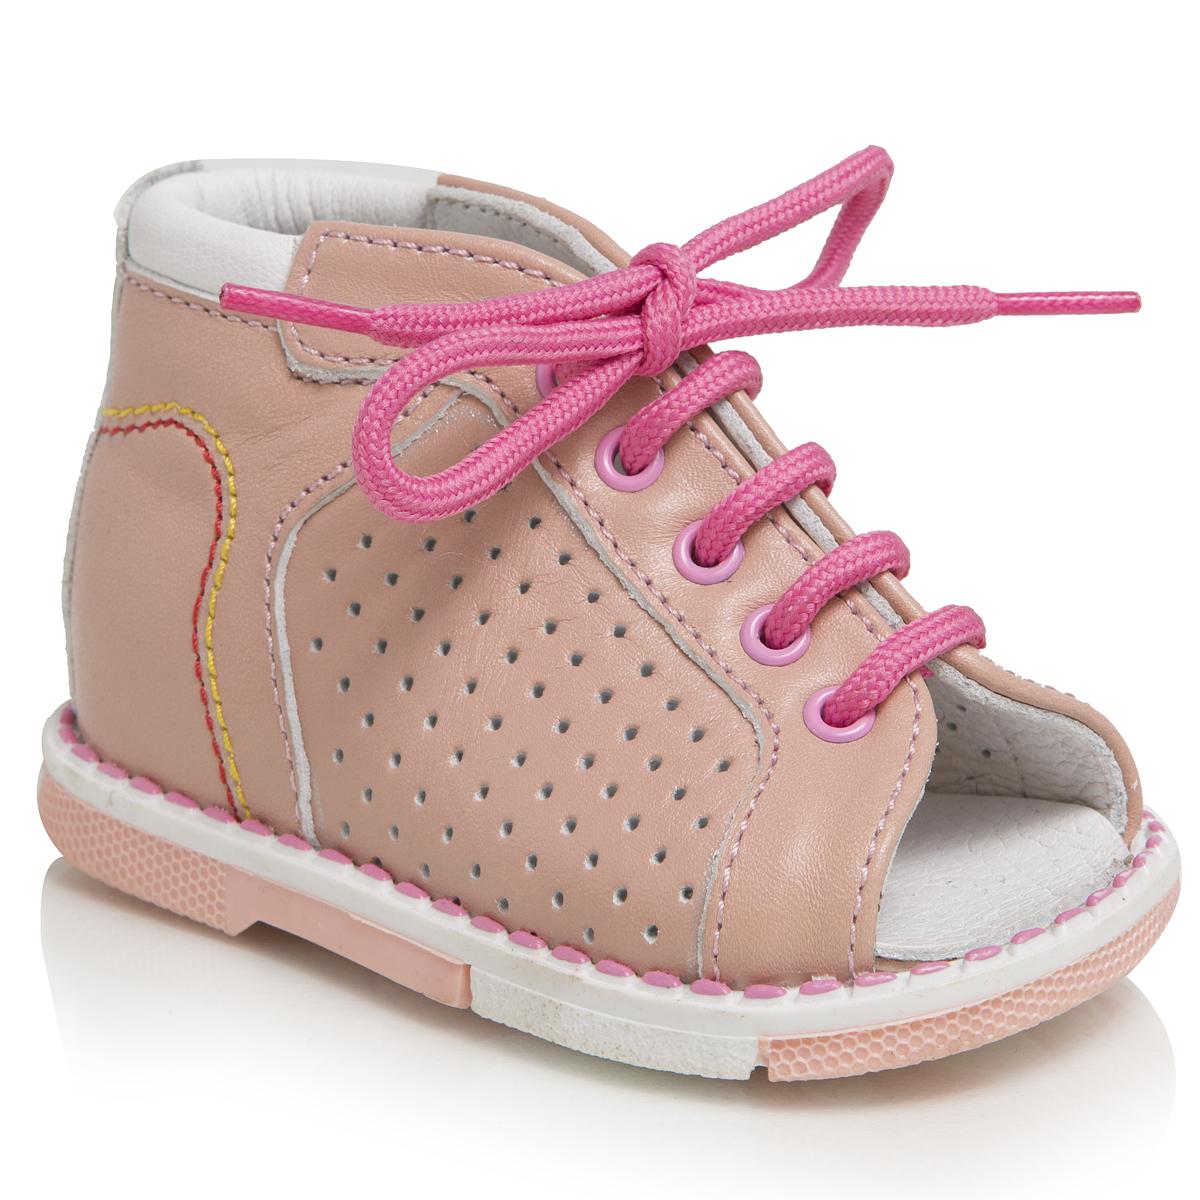 Сандалии для девочек. 120-191120-191ТАШИ ОРТО - детская профилактическая ортопедическая обувь массового производства. Ее можно носить не только детям с признаками плоскостопия и косолапия , но и для профилактики подобных отклонений. А многим детям ортопедическая обувь НЕОБХОДИМА для коррекции стопы, исправления походки и осанки.